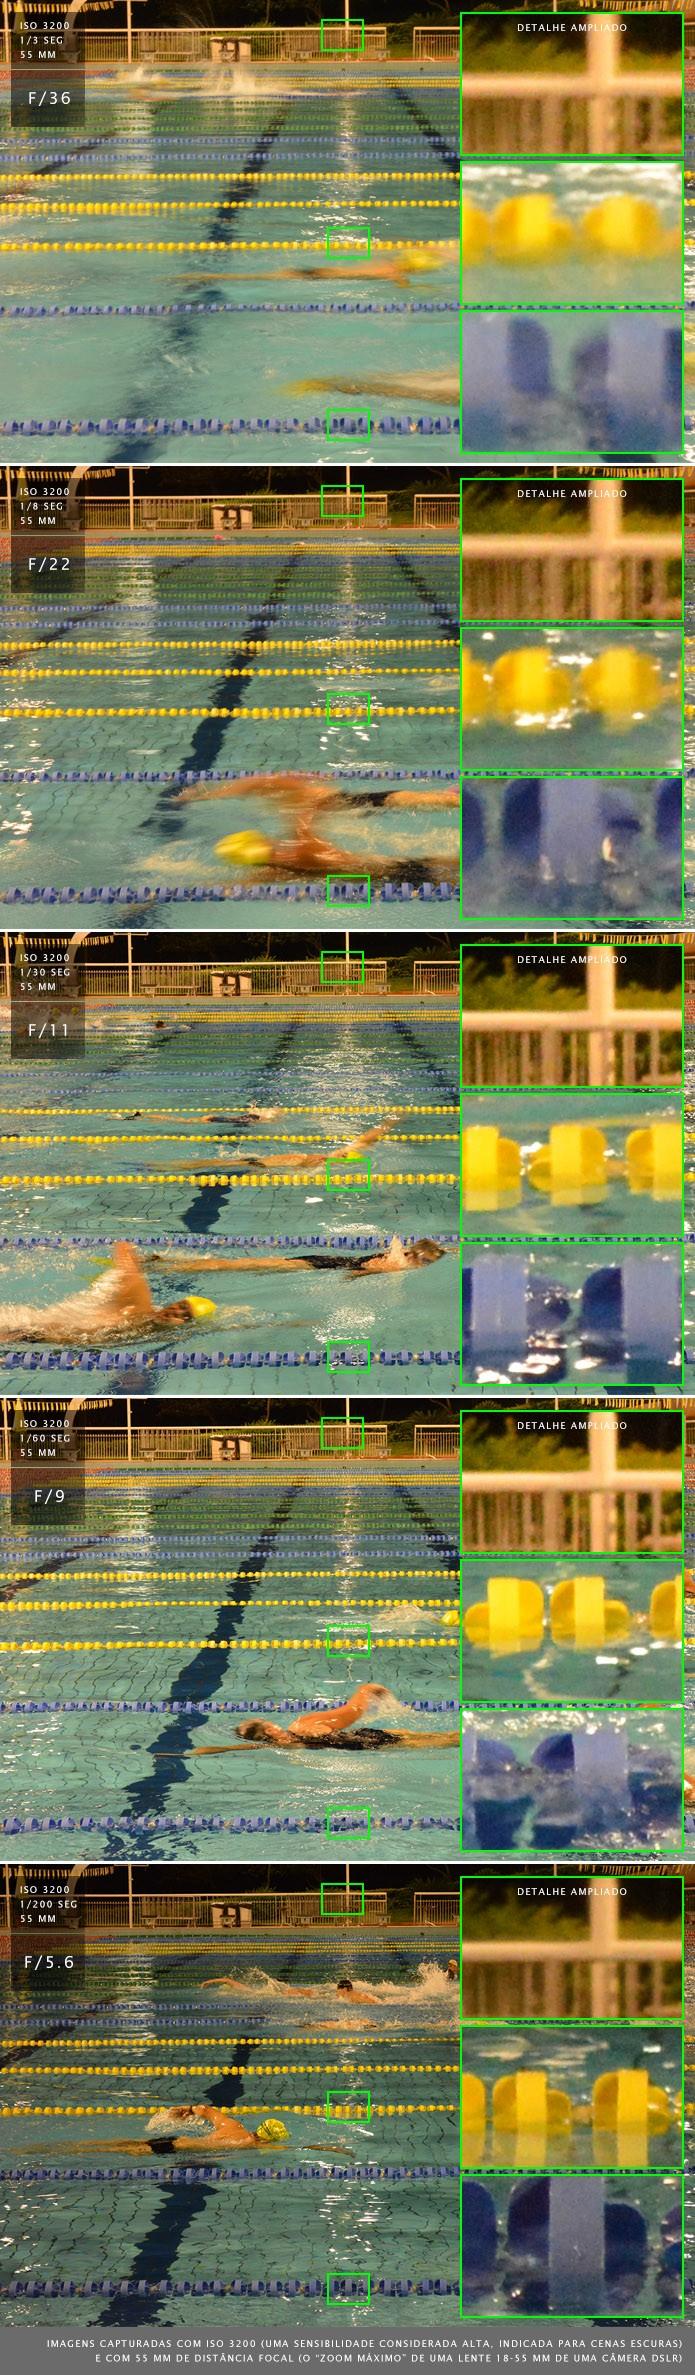 abertura-lentes-55mm-piscina